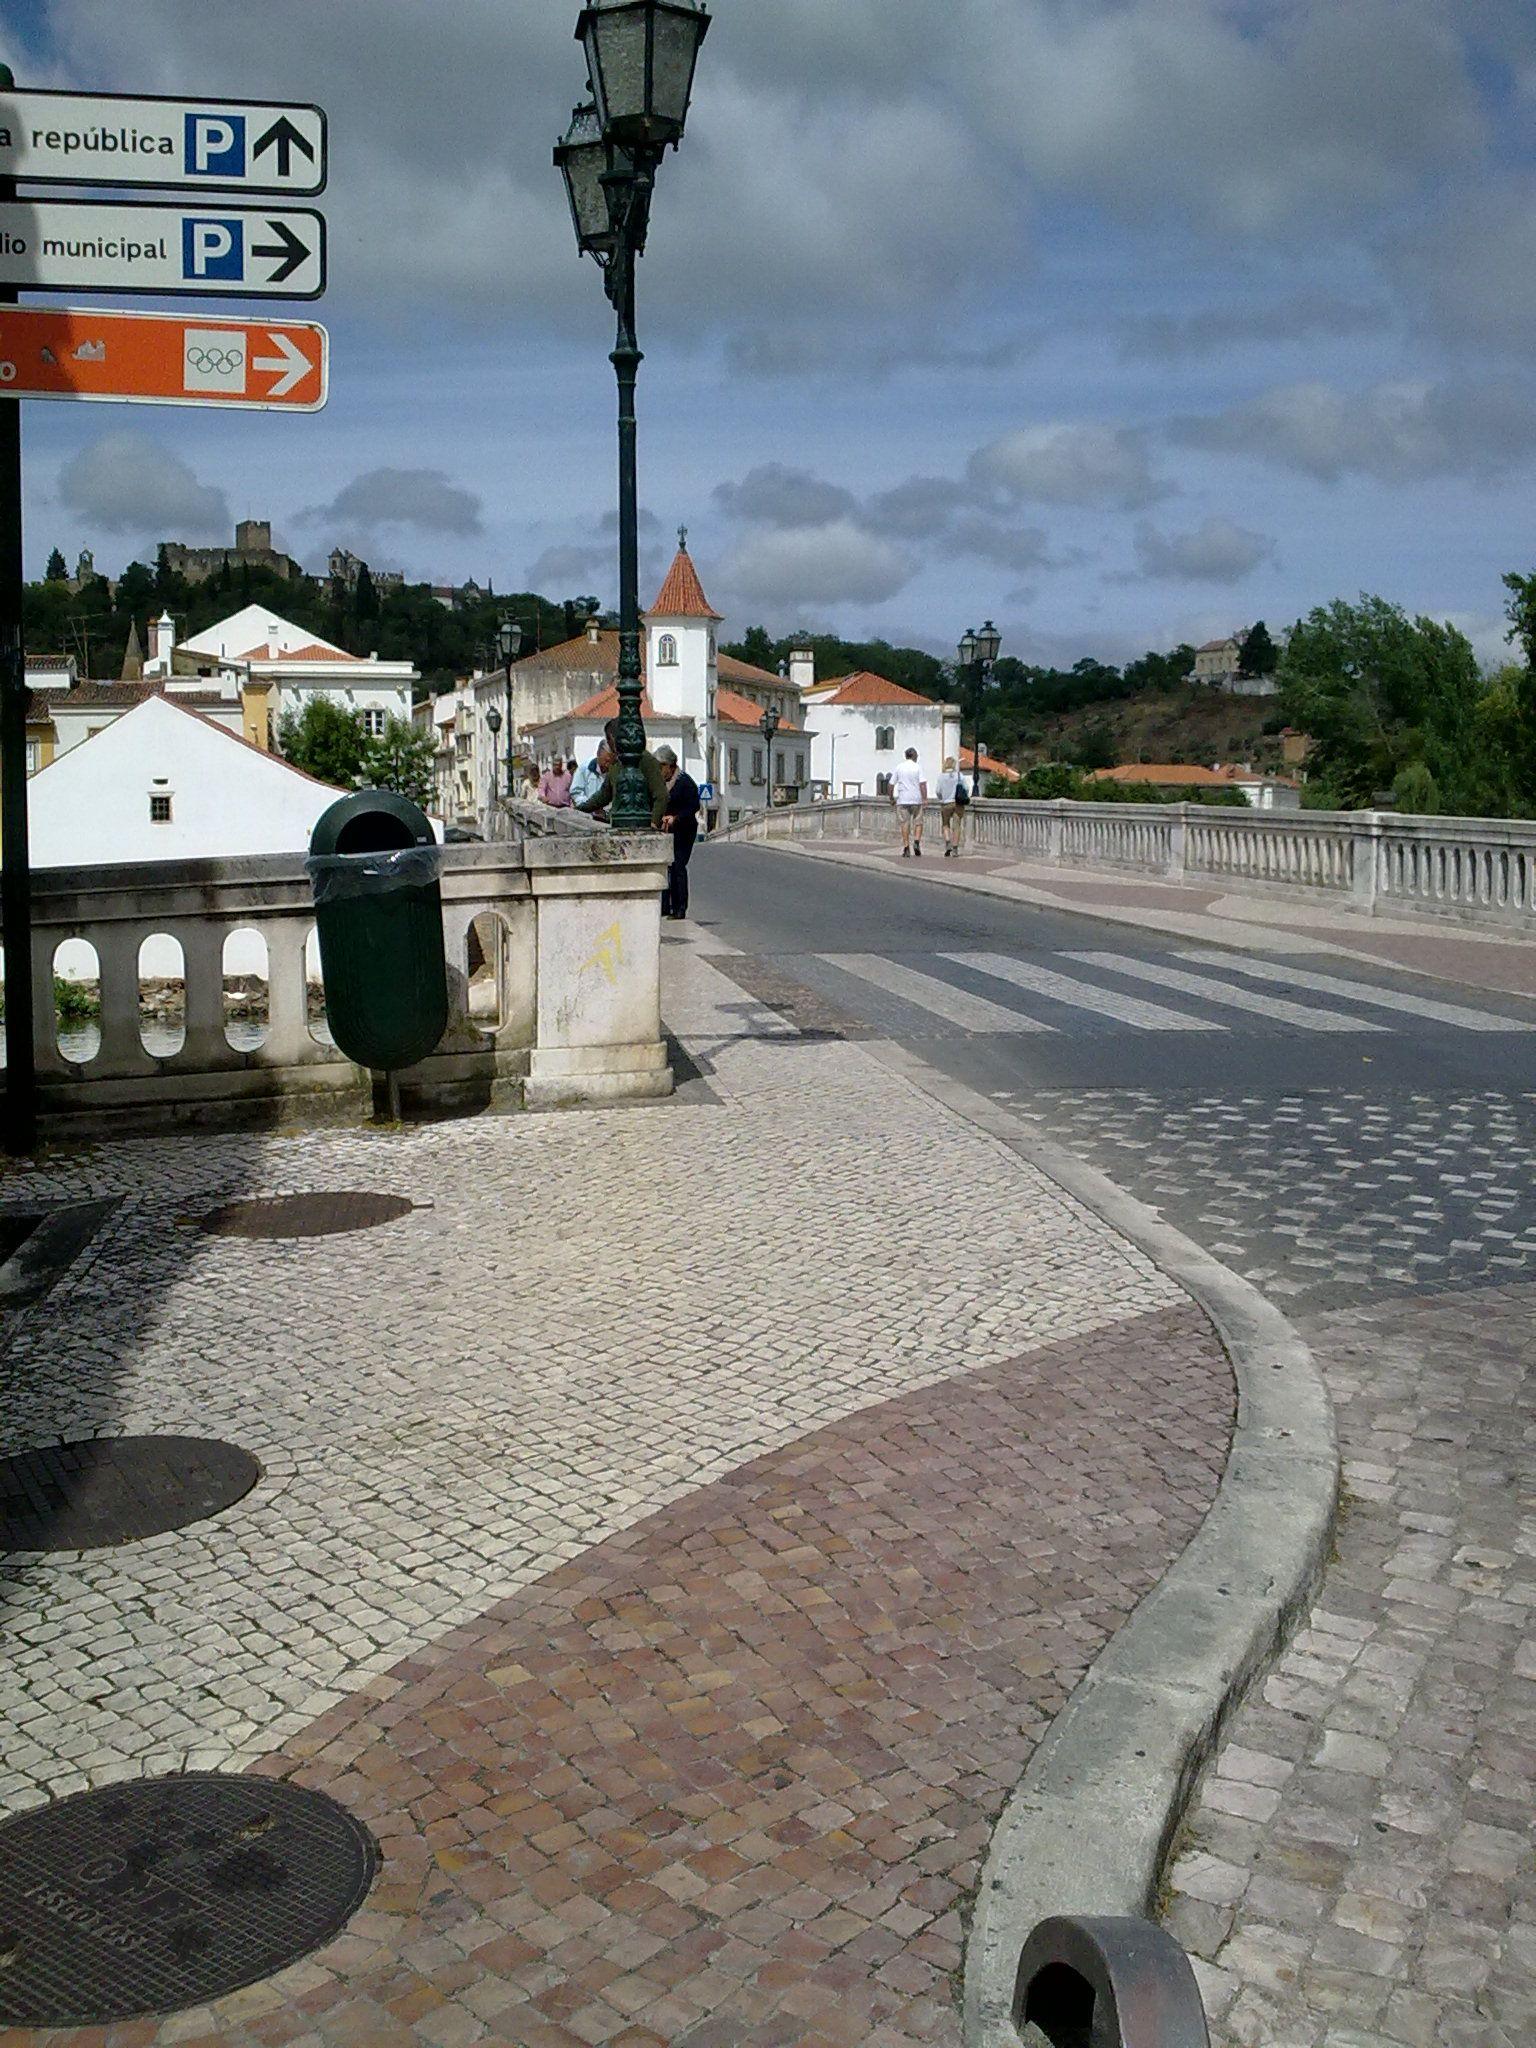 Bridge of D.Manuel I